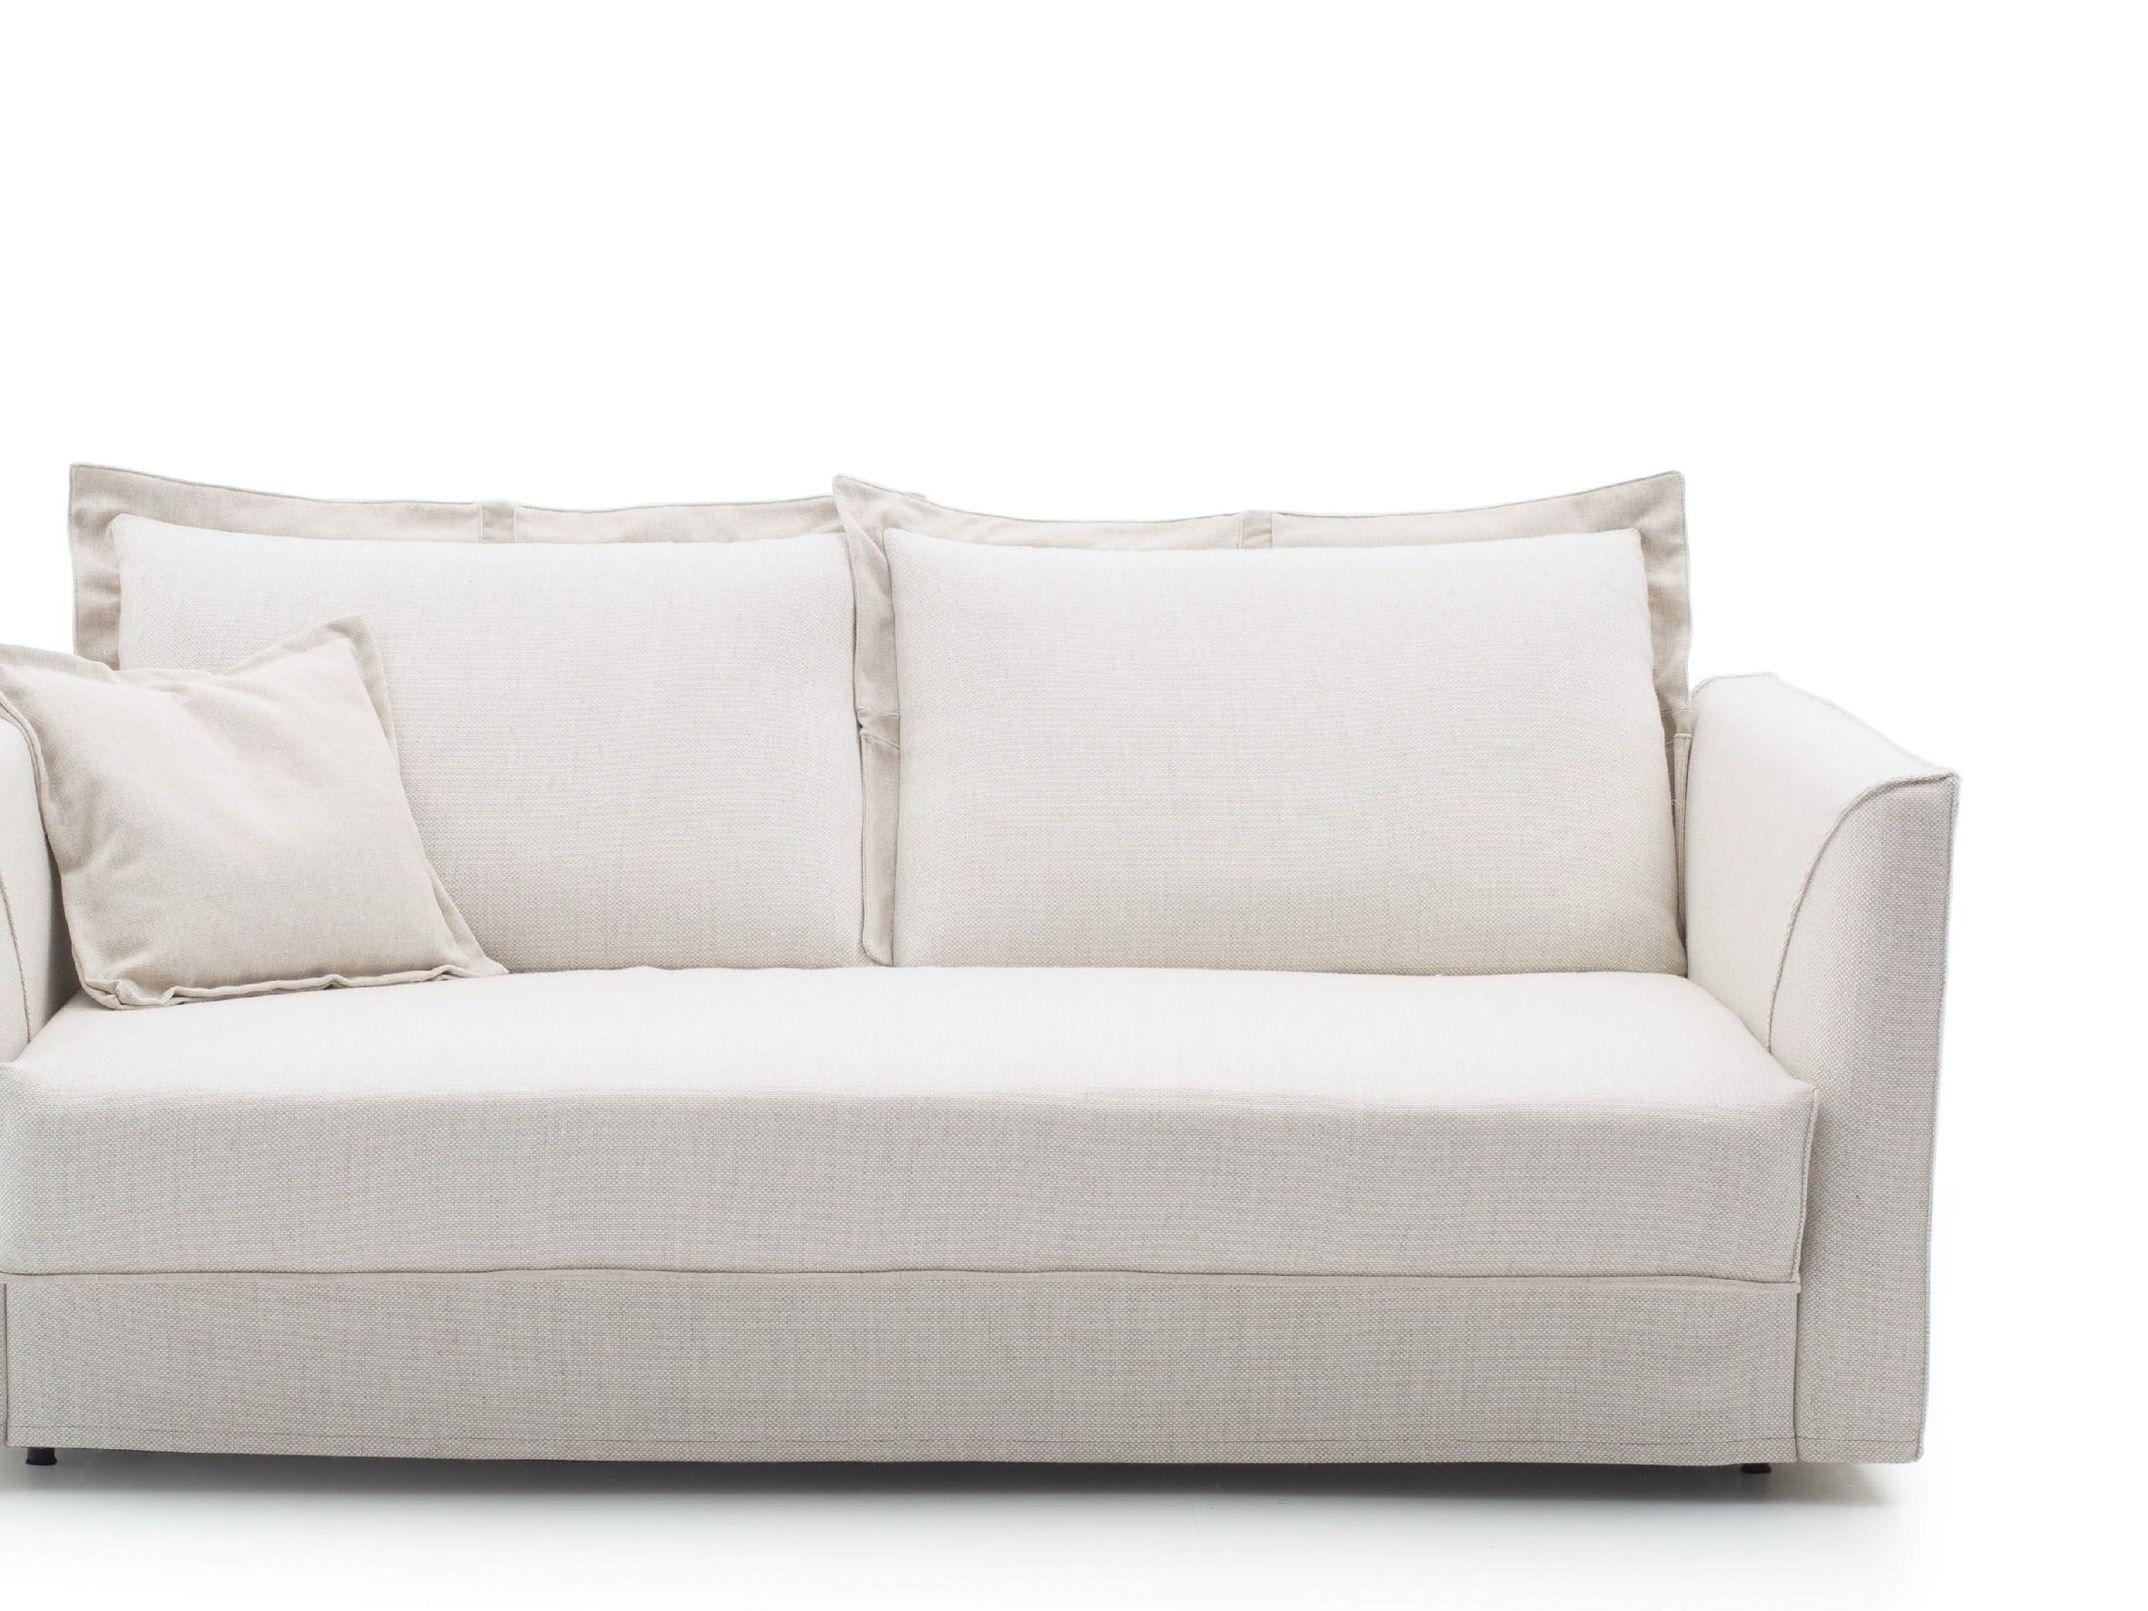 Divano letto trasformabile night day sofabed by bodema design studio res - Divano letto studio ...